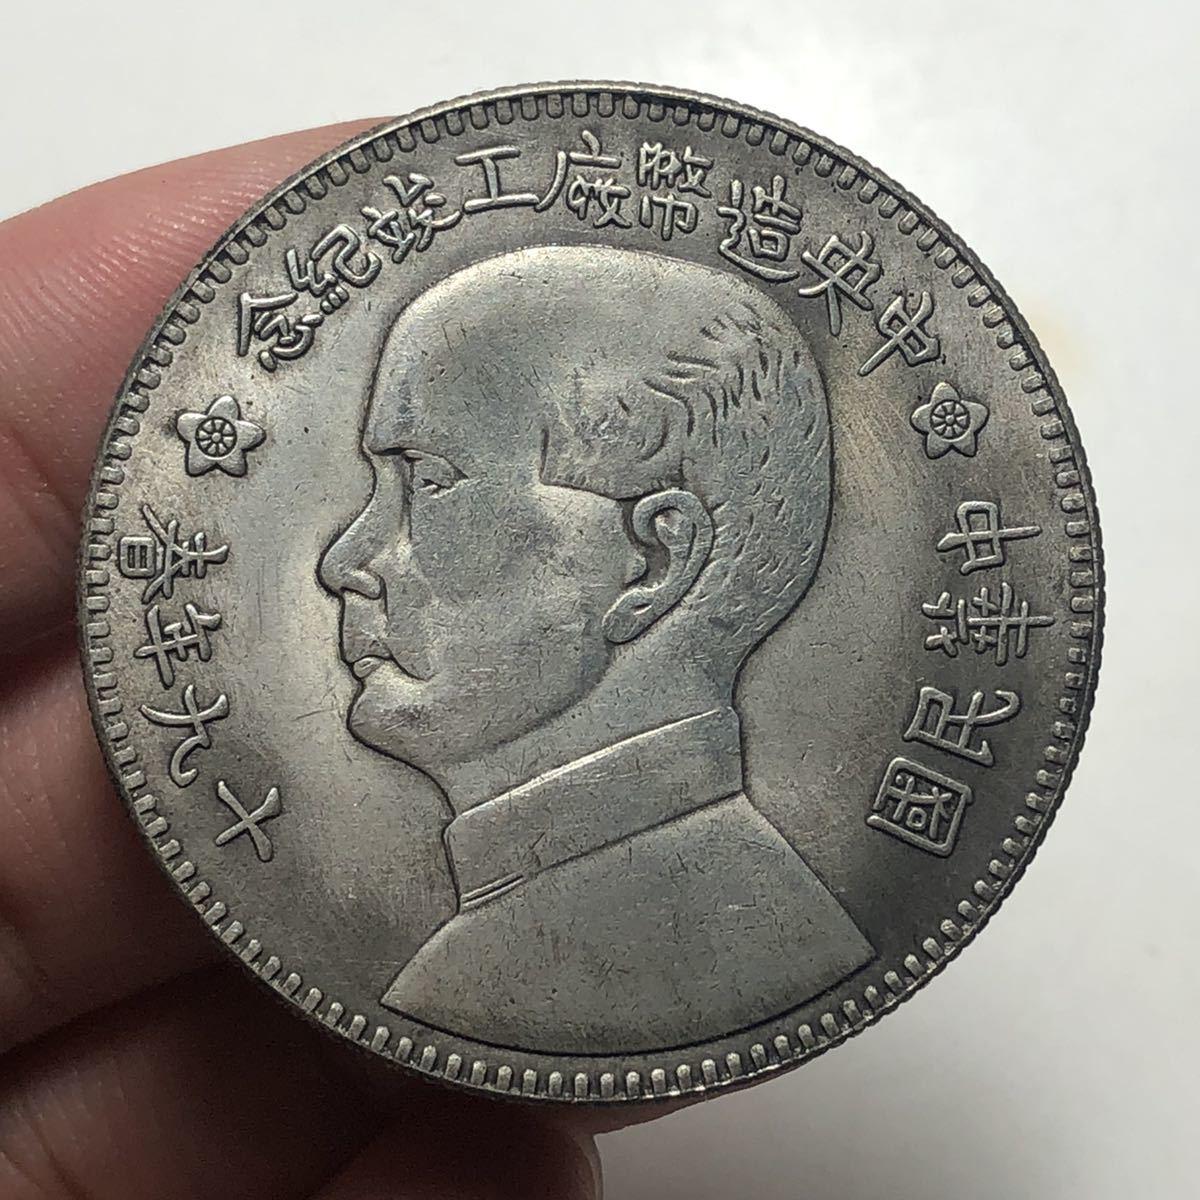 Китай Старые монеты Центральный монетный двор 39мм 26.55g S-2308